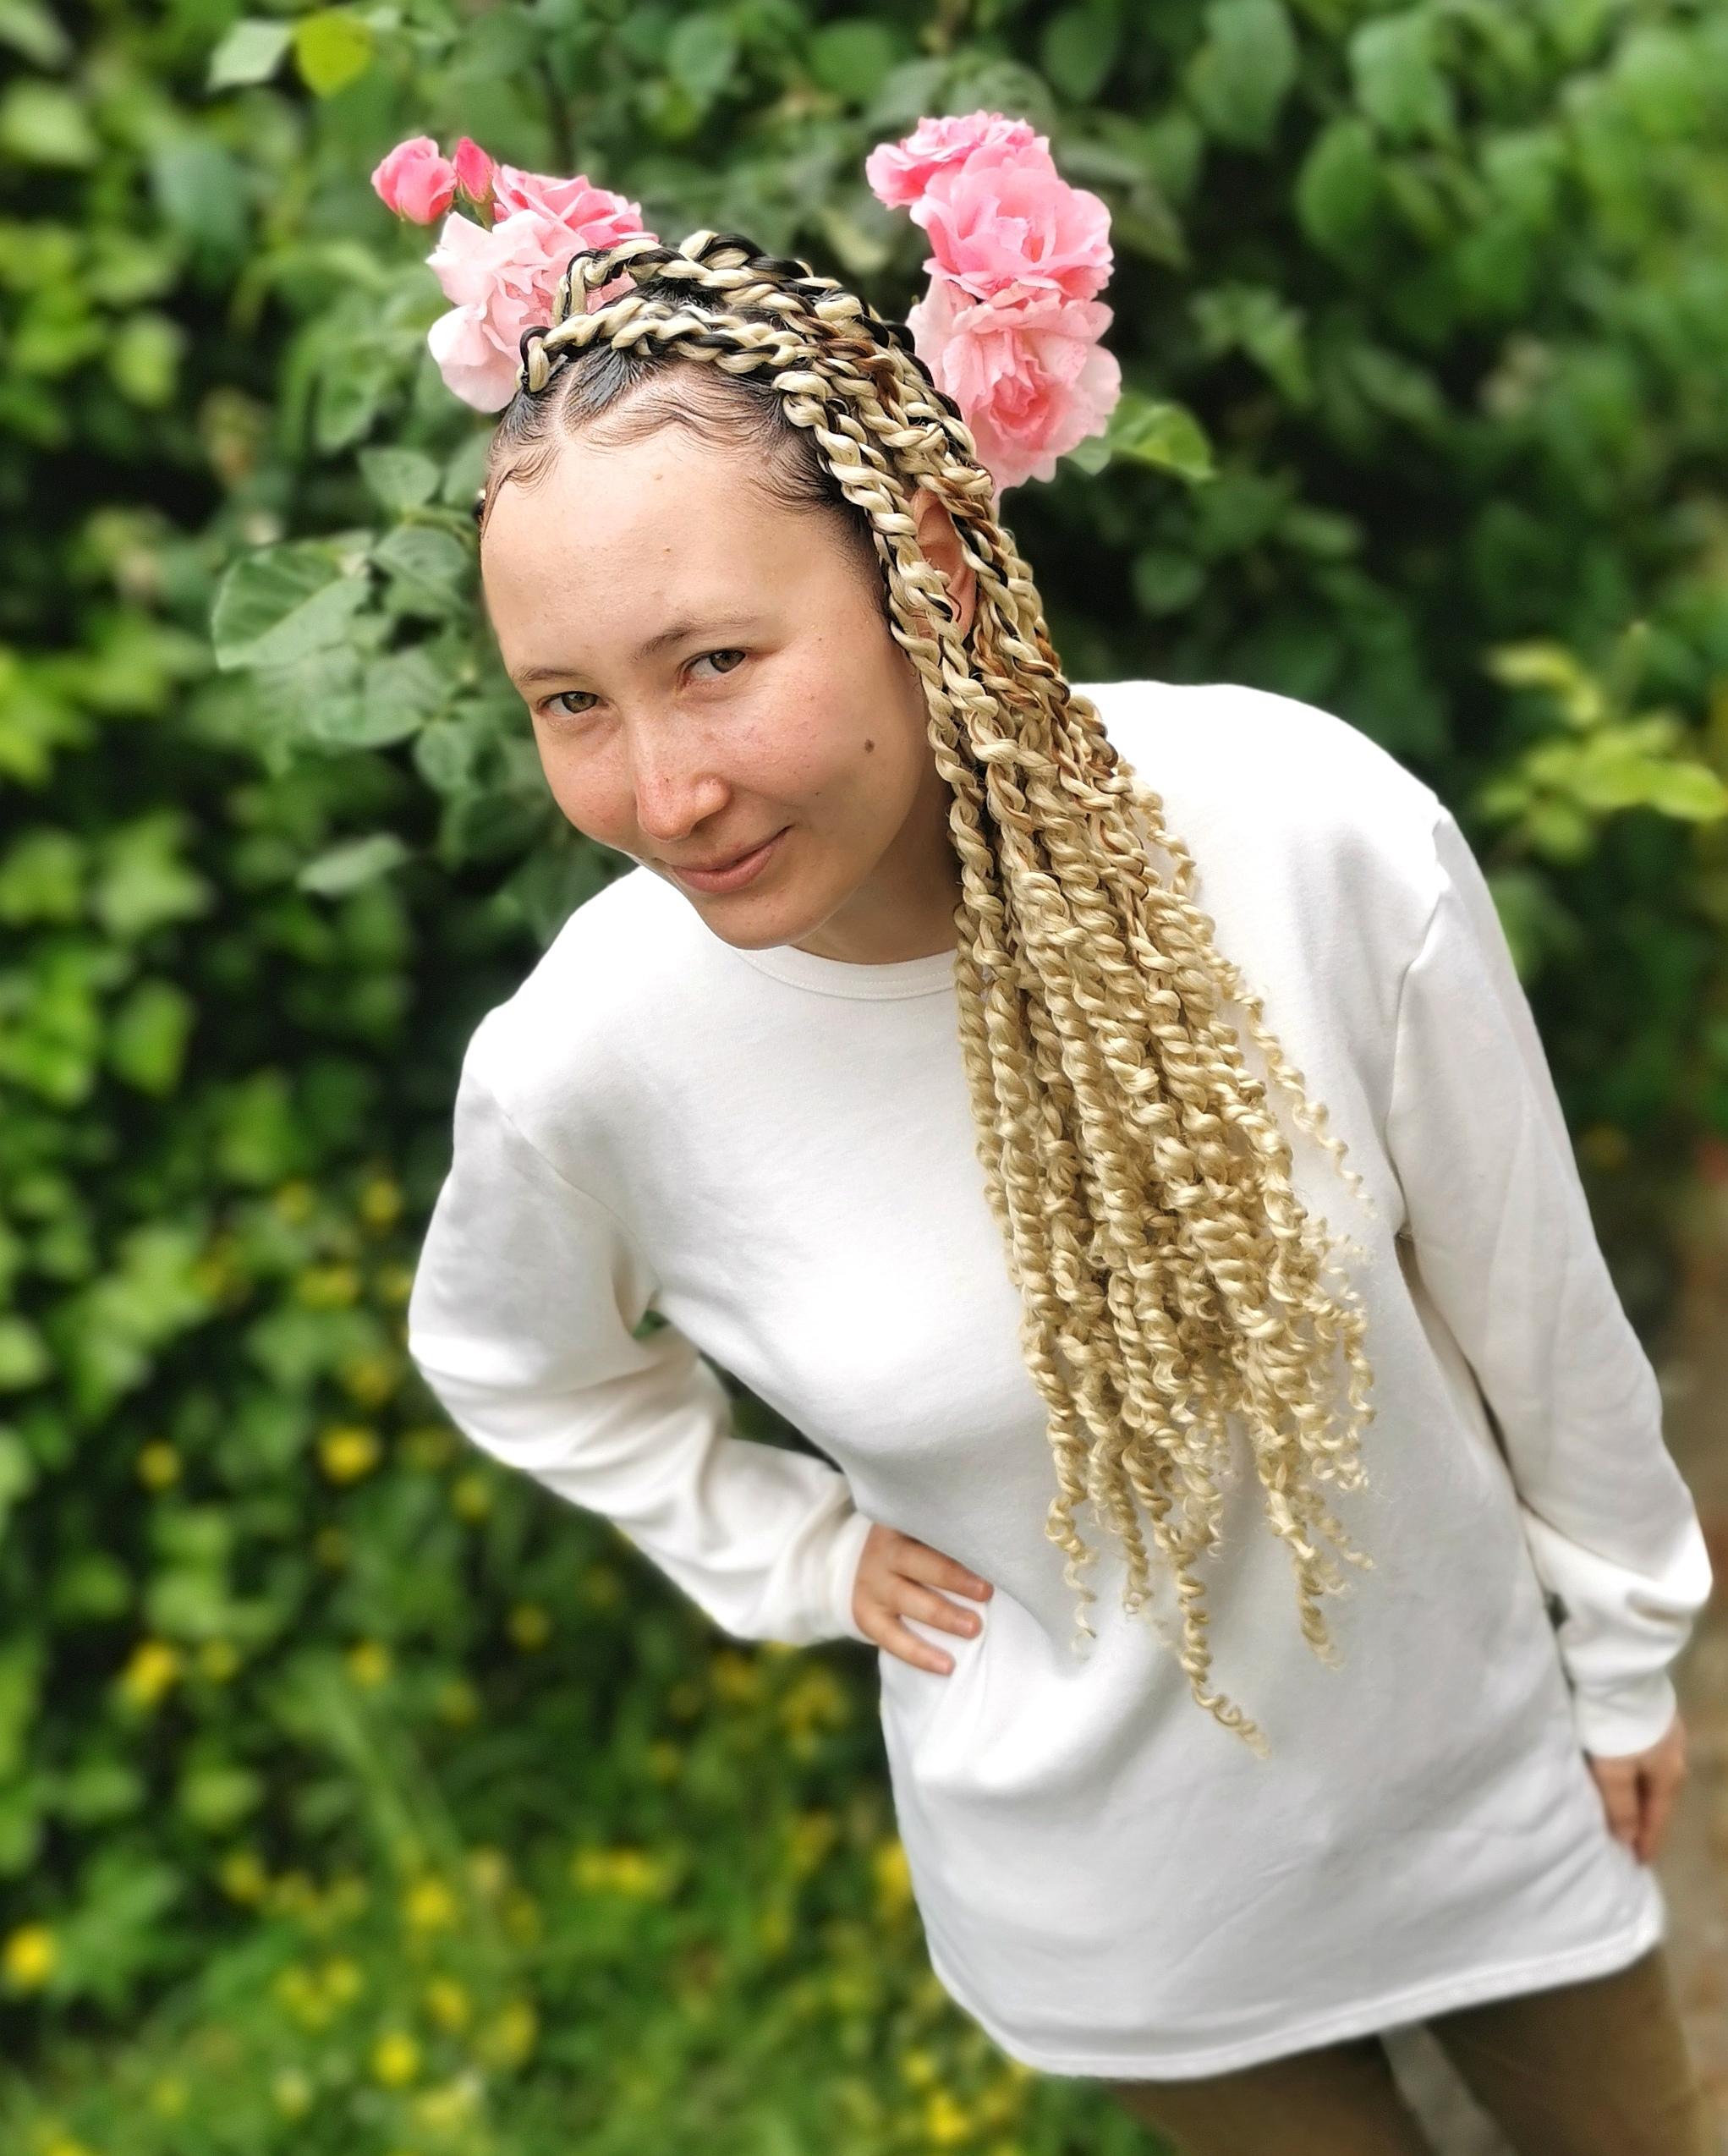 salon de coiffure afro tresse tresses box braids crochet braids vanilles tissages paris 75 77 78 91 92 93 94 95 MXERLRPC